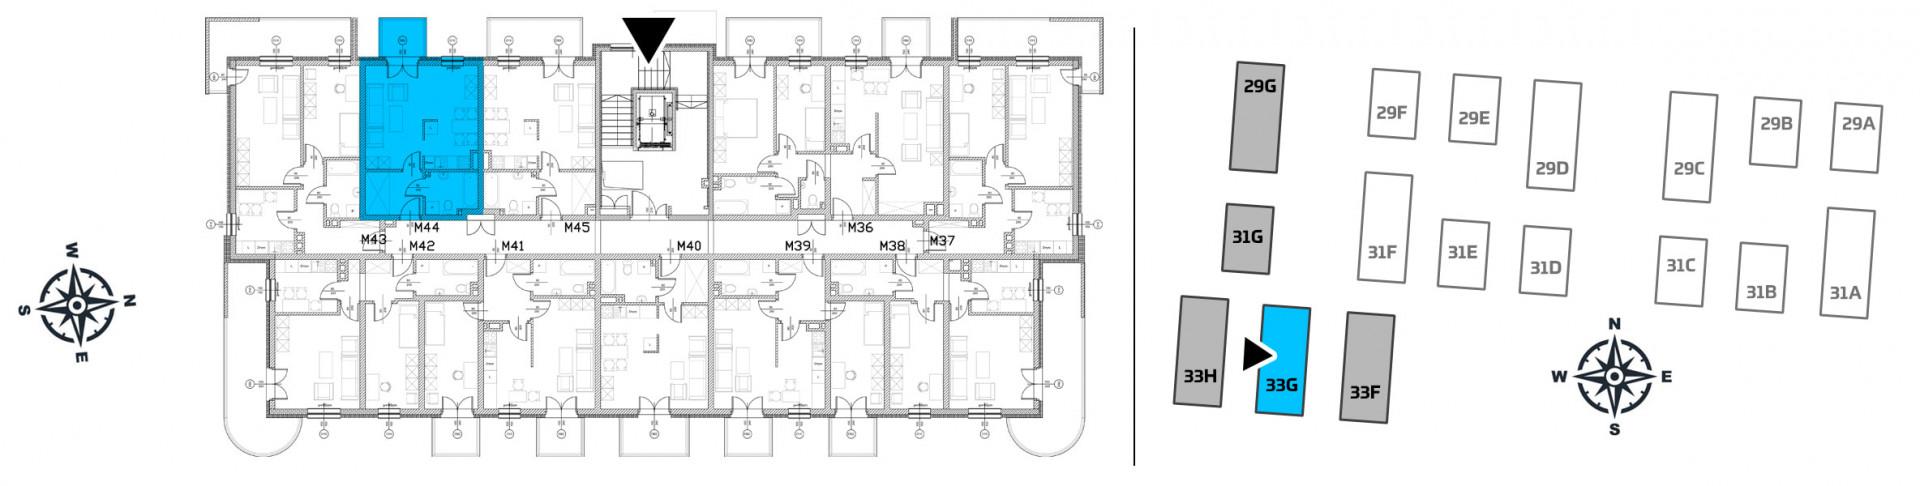 Mieszkanie jednopokojowe 33G/44 rzut 2